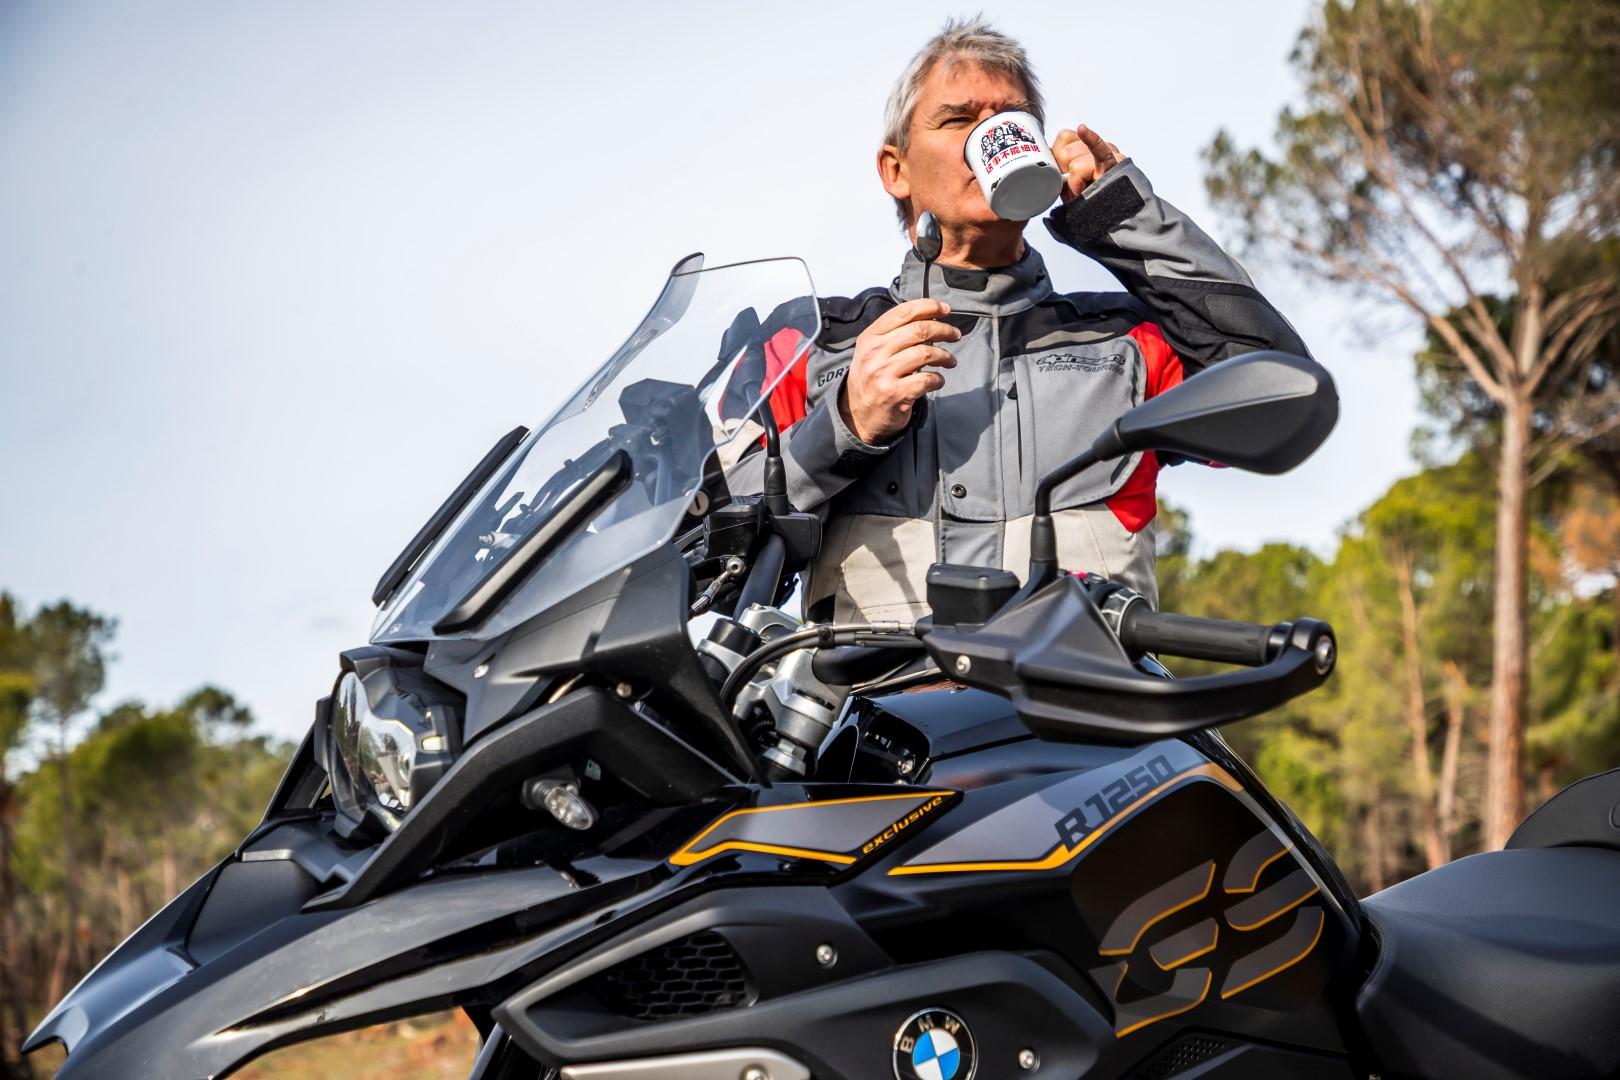 Nuestras favoritas 2019: BMW R 1250 GS, Honda CB650R, KTM 790 Adventure, Suzuki Katana, Triumph Scrambler 1200 XE, Yamaha Ténéré 700